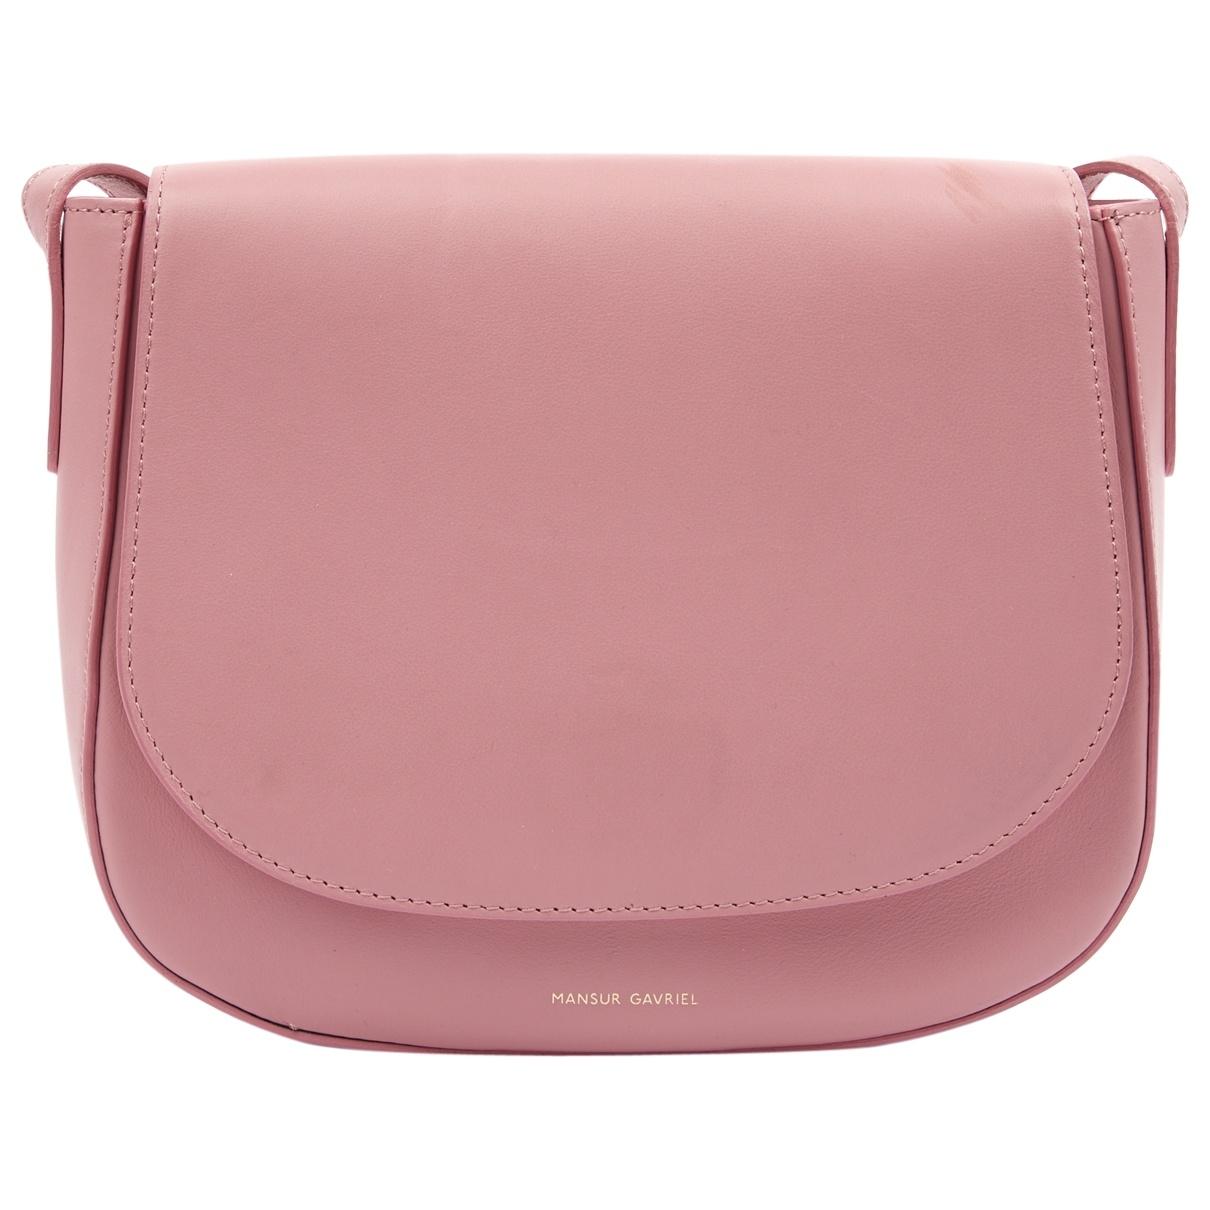 Mansur Gavriel \N Pink Leather handbag for Women \N